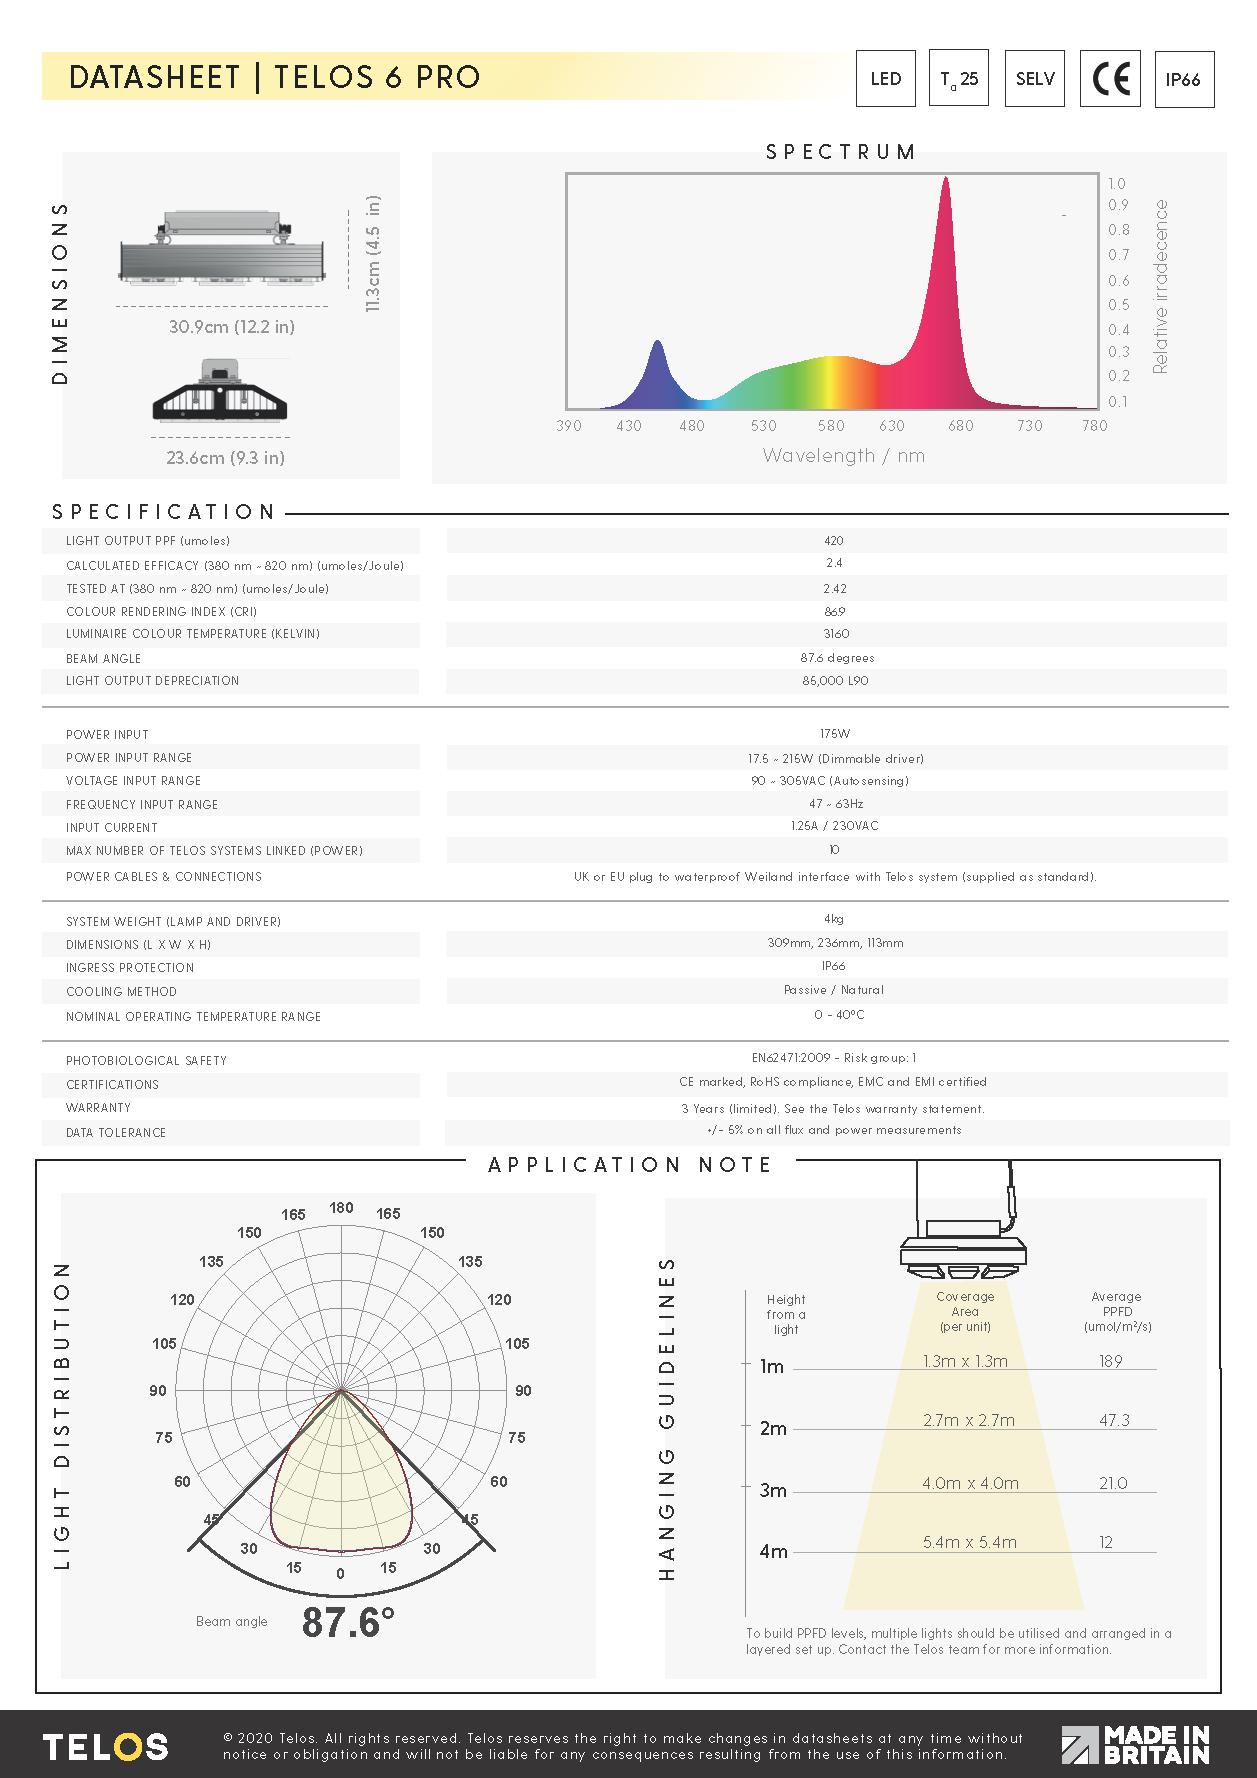 telos-6-pro-data-sheet-2020-page-2.png